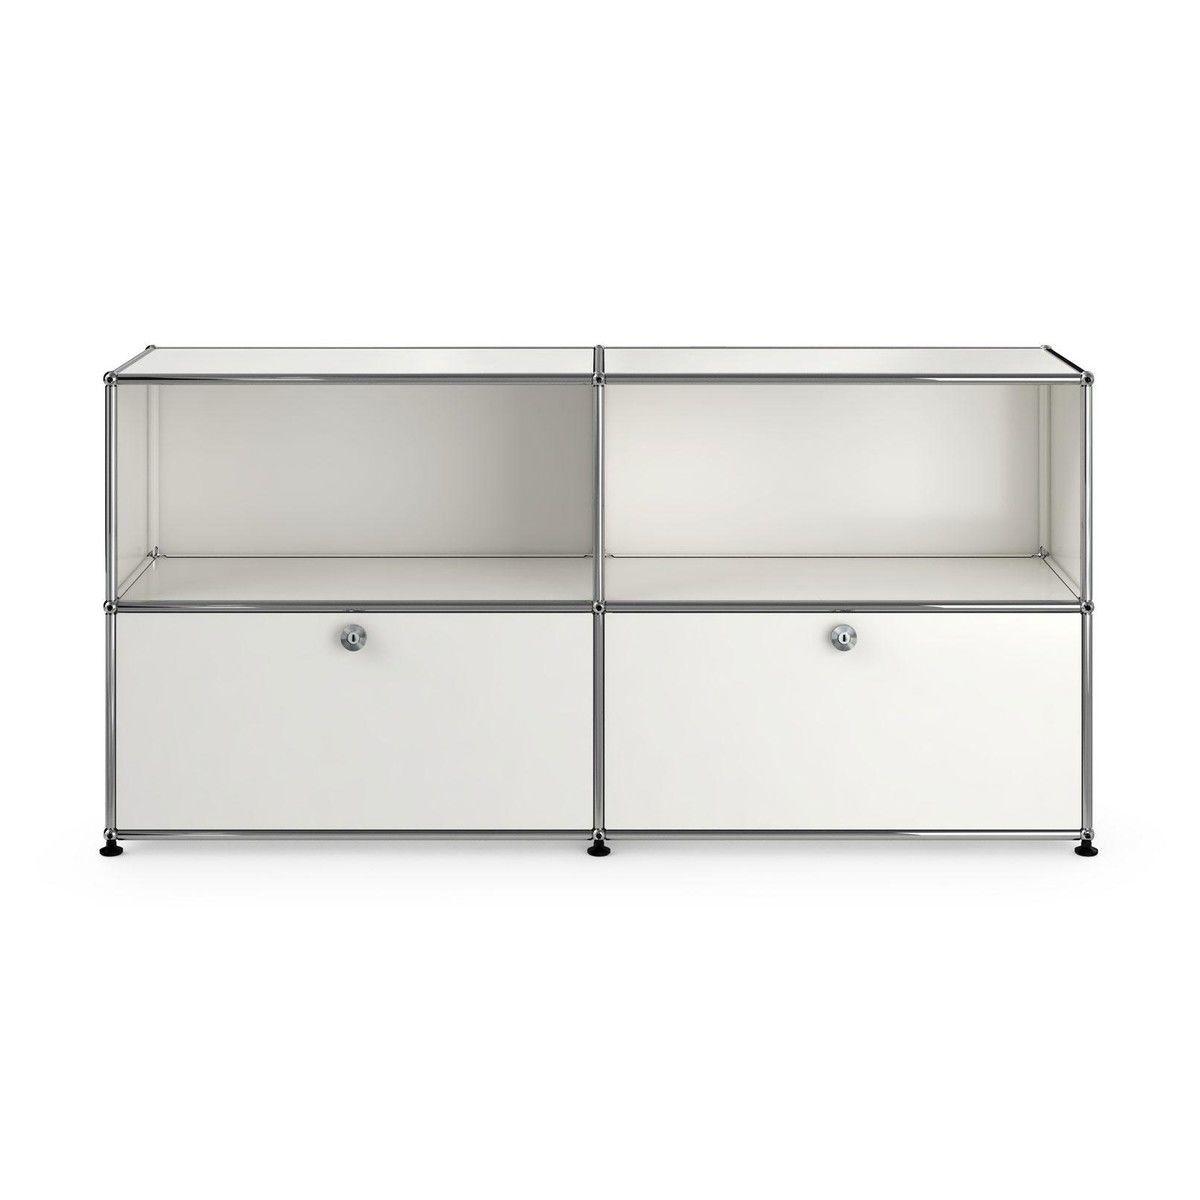 usm sideboard avec 2 tiroirs usm haller. Black Bedroom Furniture Sets. Home Design Ideas